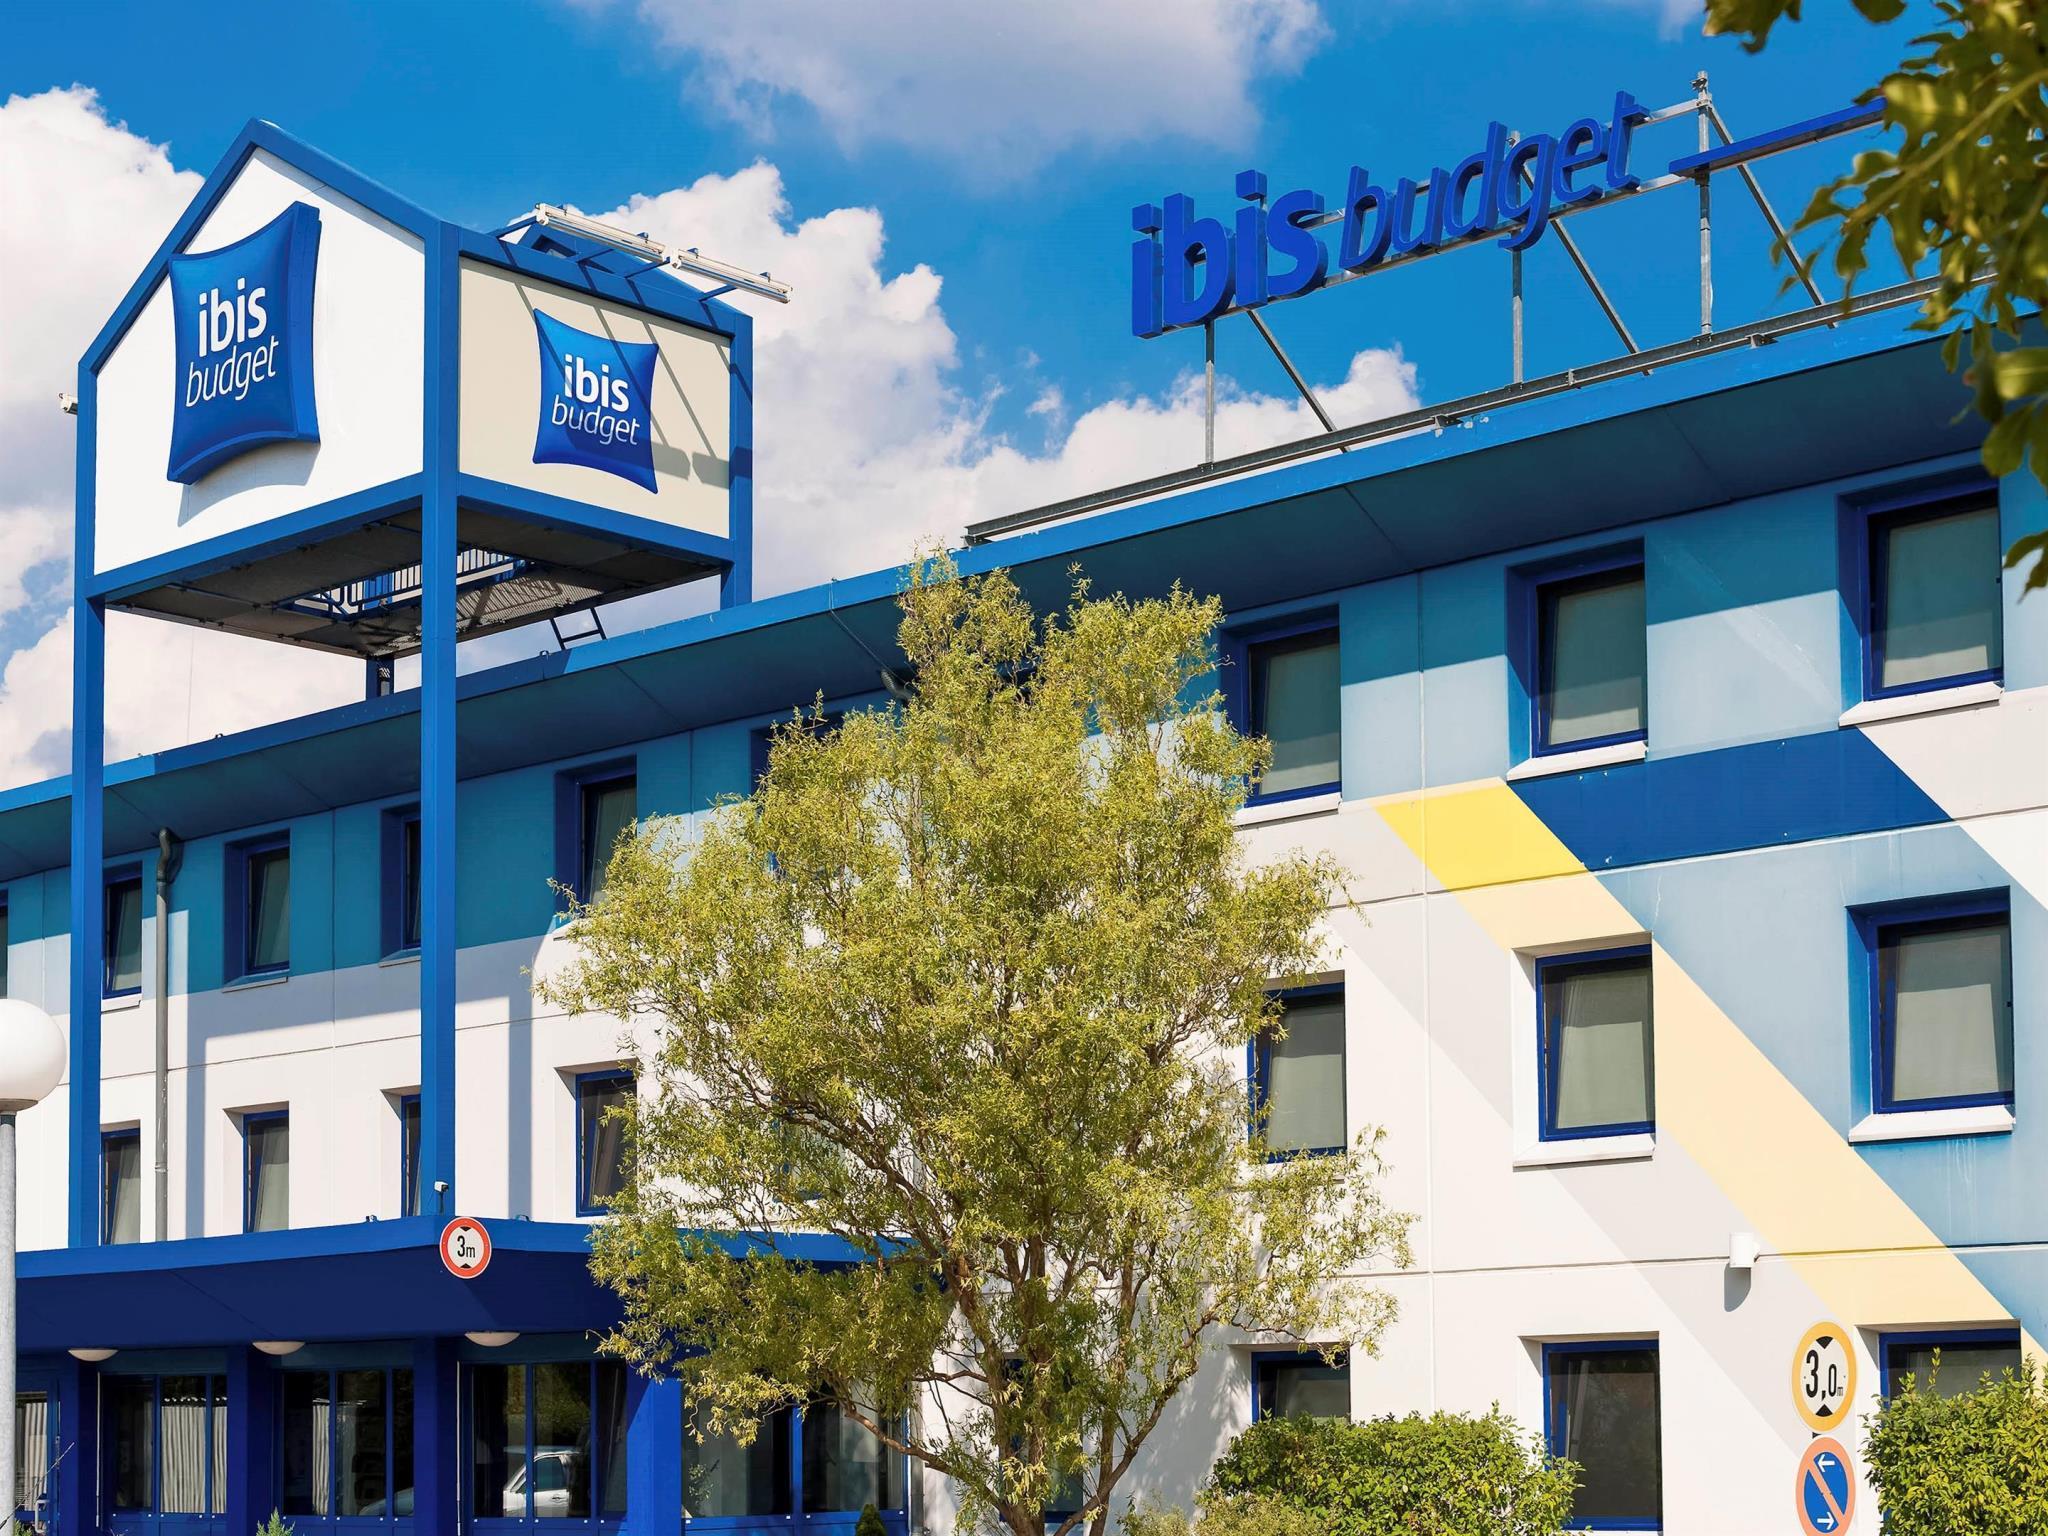 Ibis Budget Berlin Airport Schonefeld